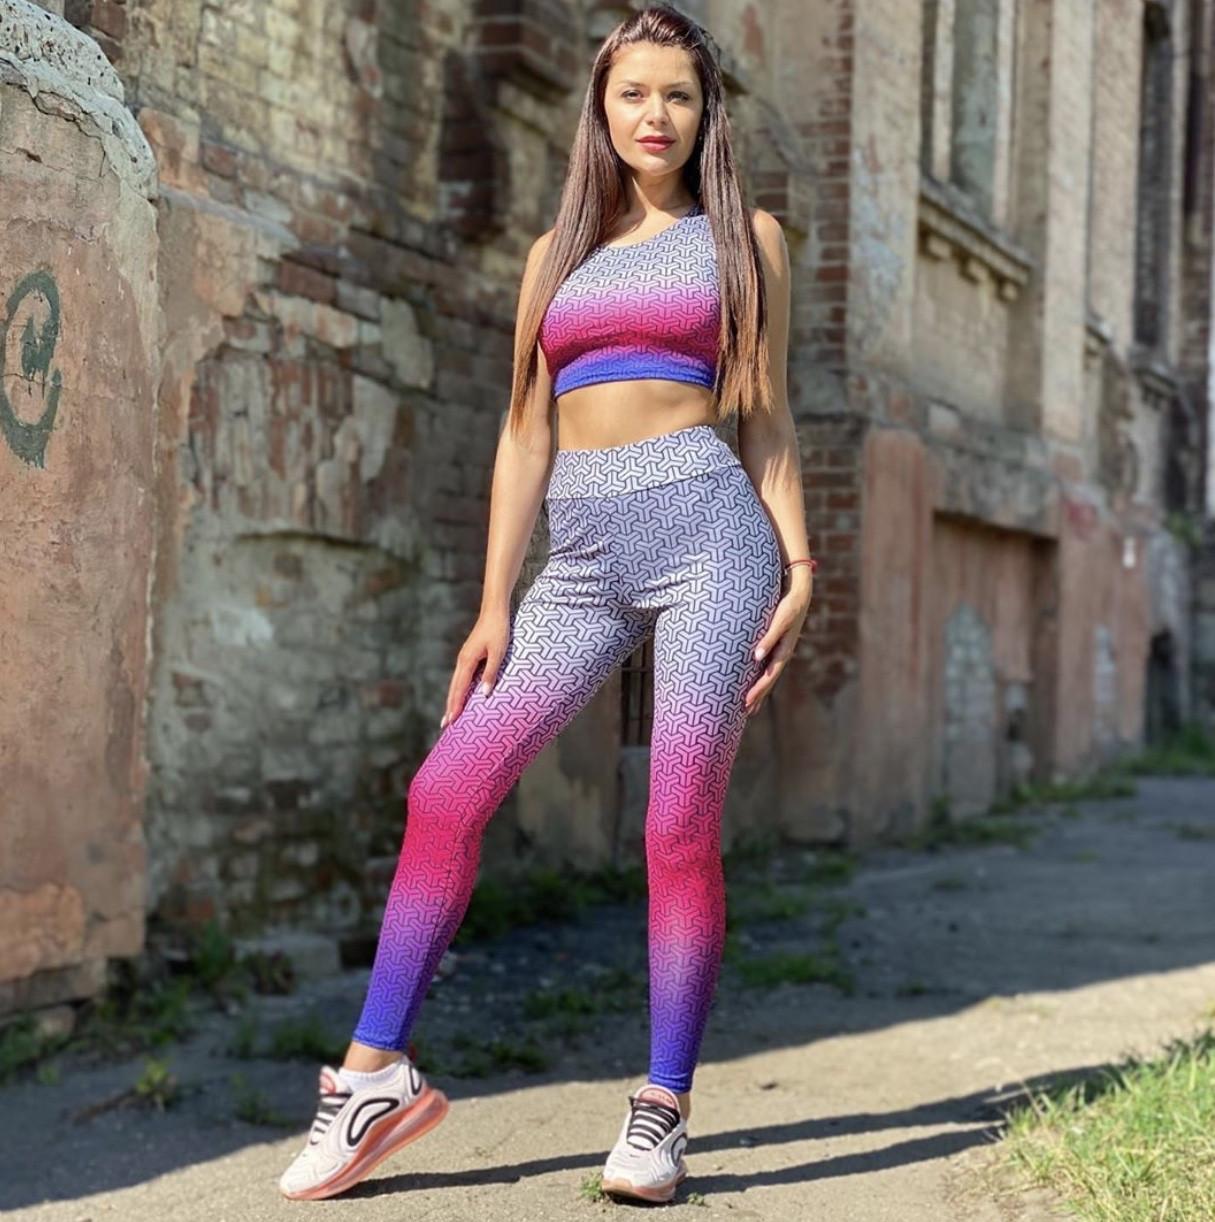 Спортивный костюм для фитнеса с градиентом серо-малиновый